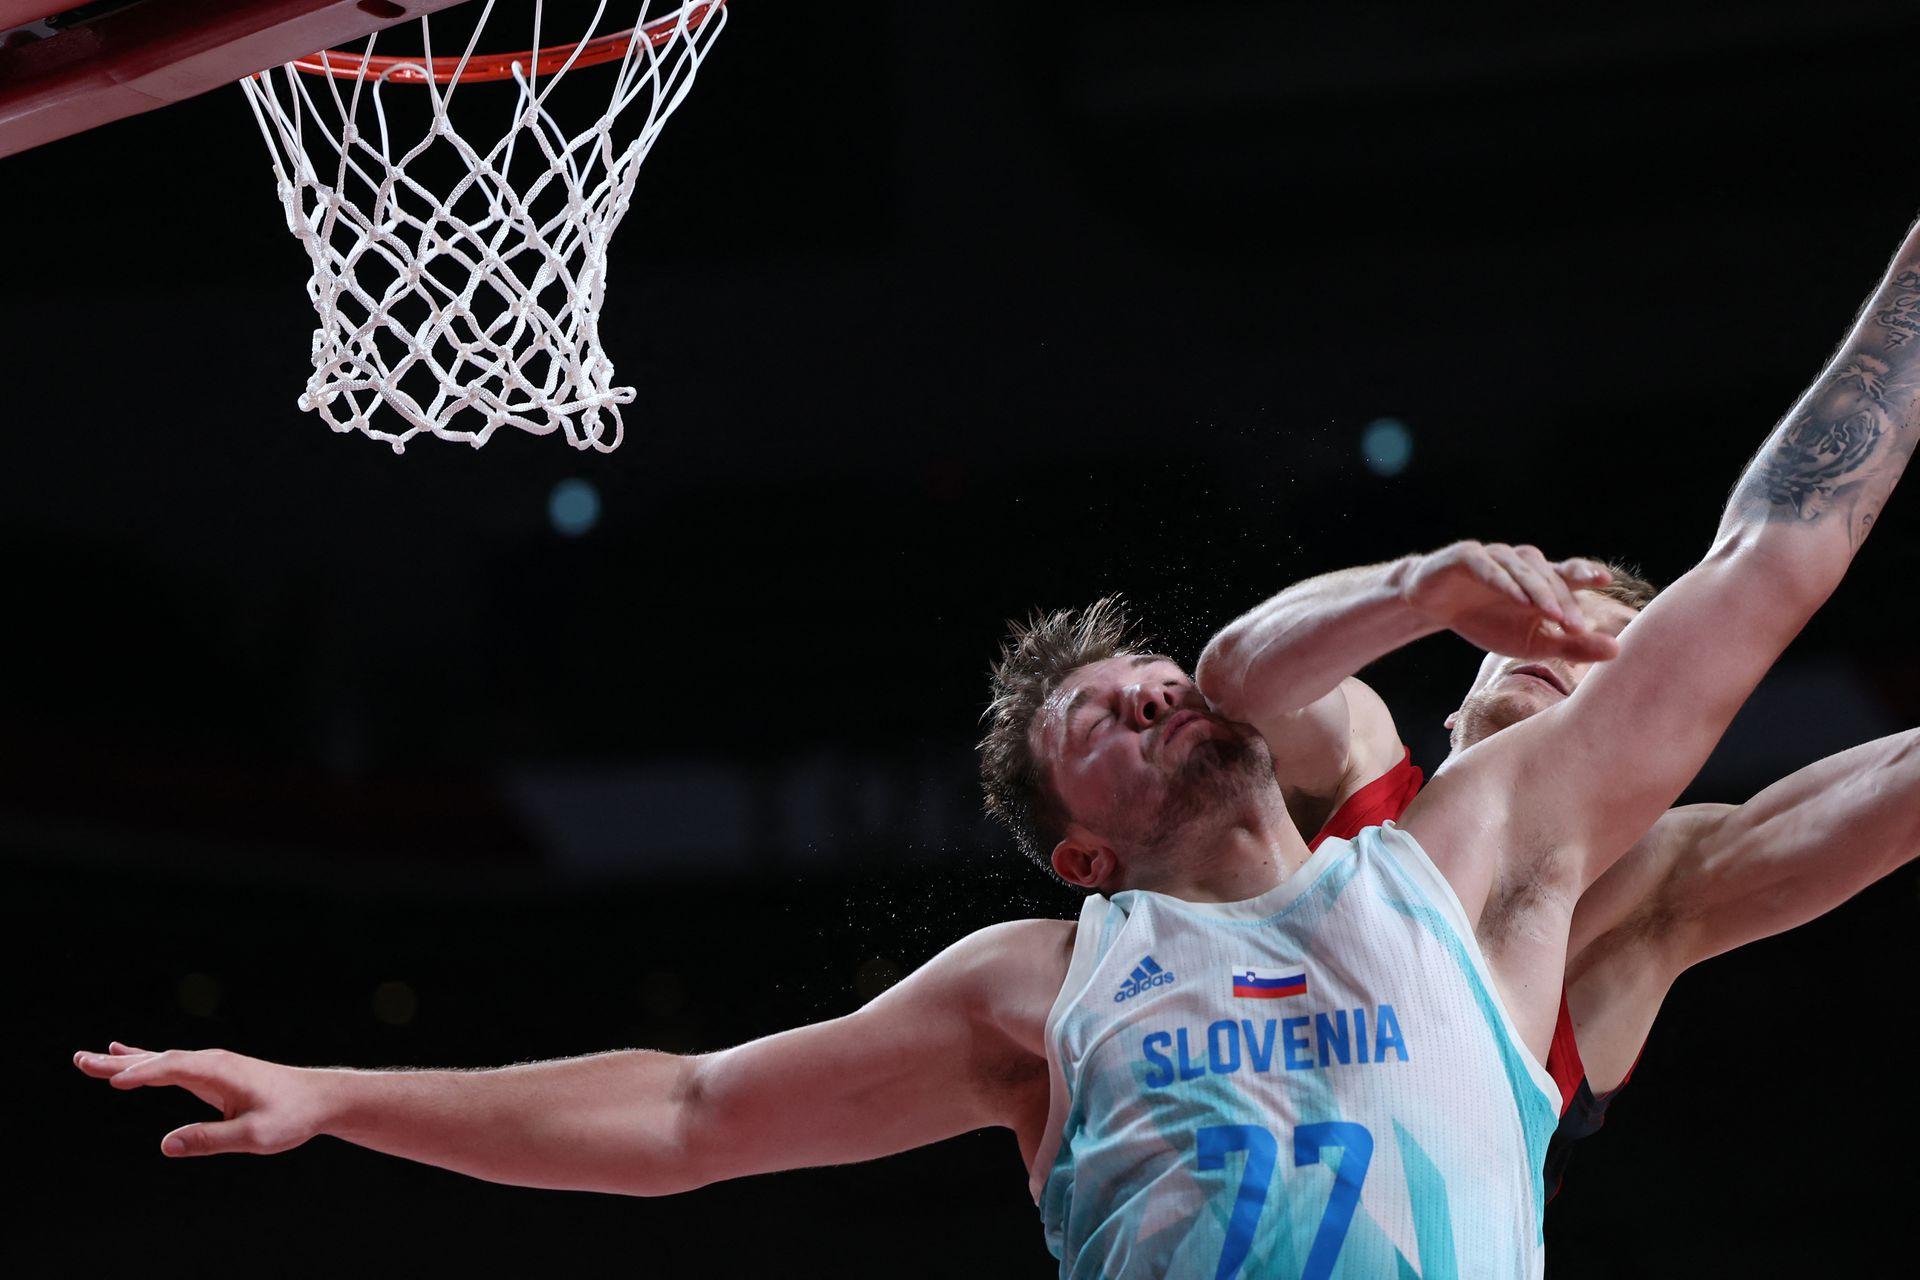 El esloveno Luka Doncic salta para el rebote en el partido de baloncesto masculino de cuartos de final entre Eslovenia y Alemania.